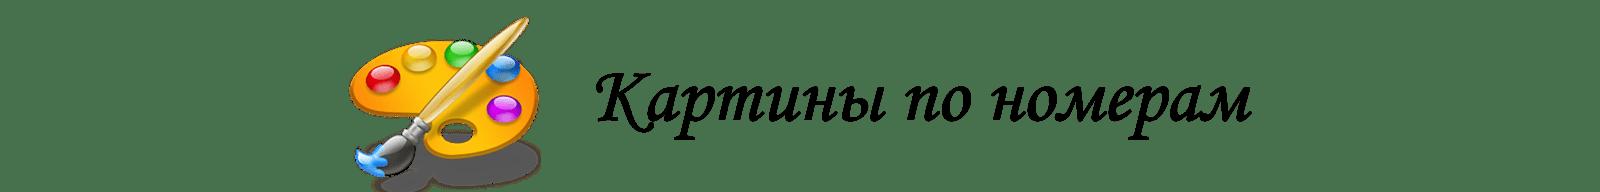 Картины по номерам логотип сайта 2